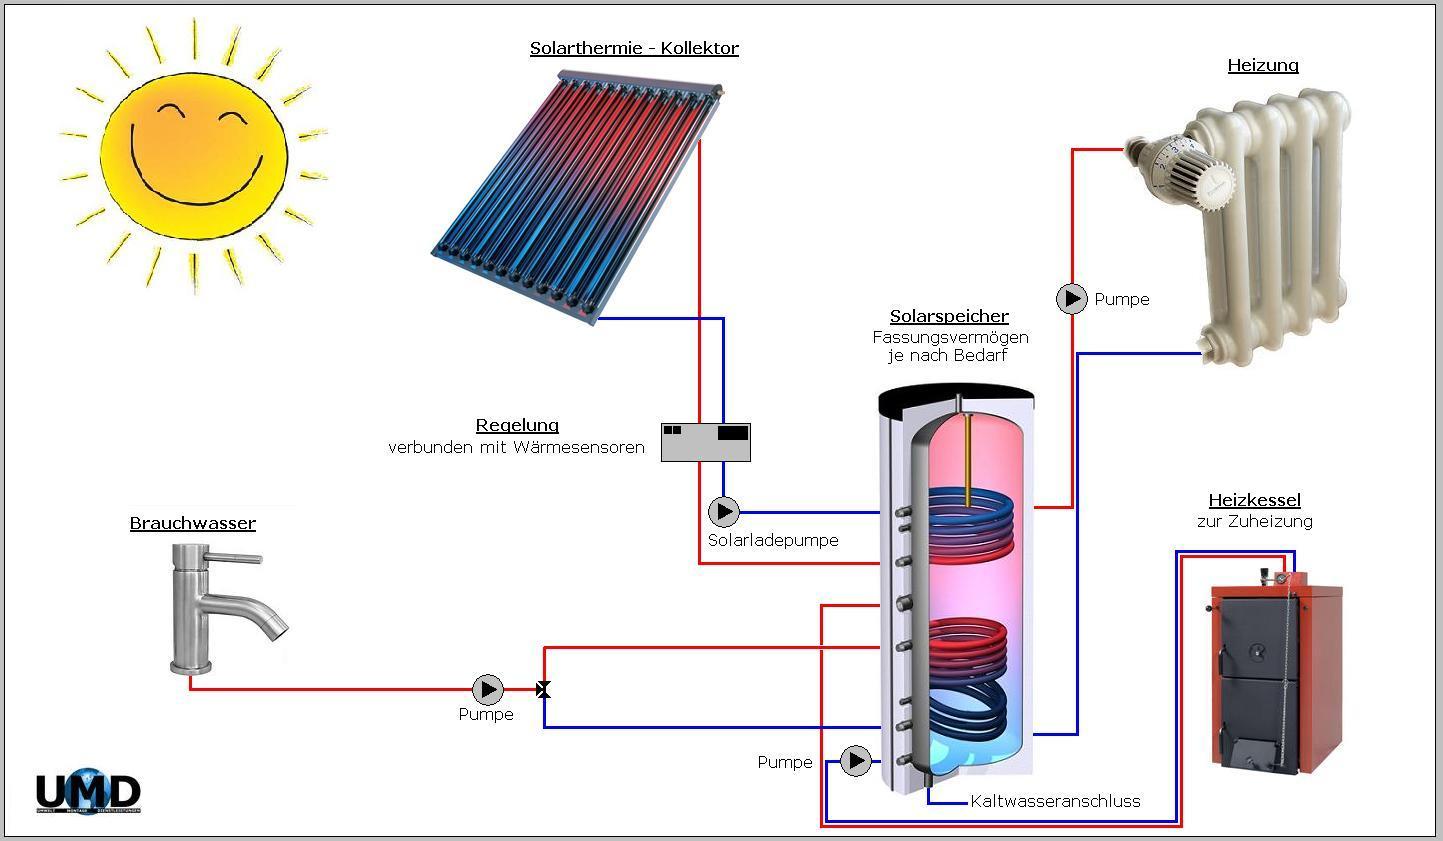 rund um solarthermie umwelt montage dienstleistungen. Black Bedroom Furniture Sets. Home Design Ideas